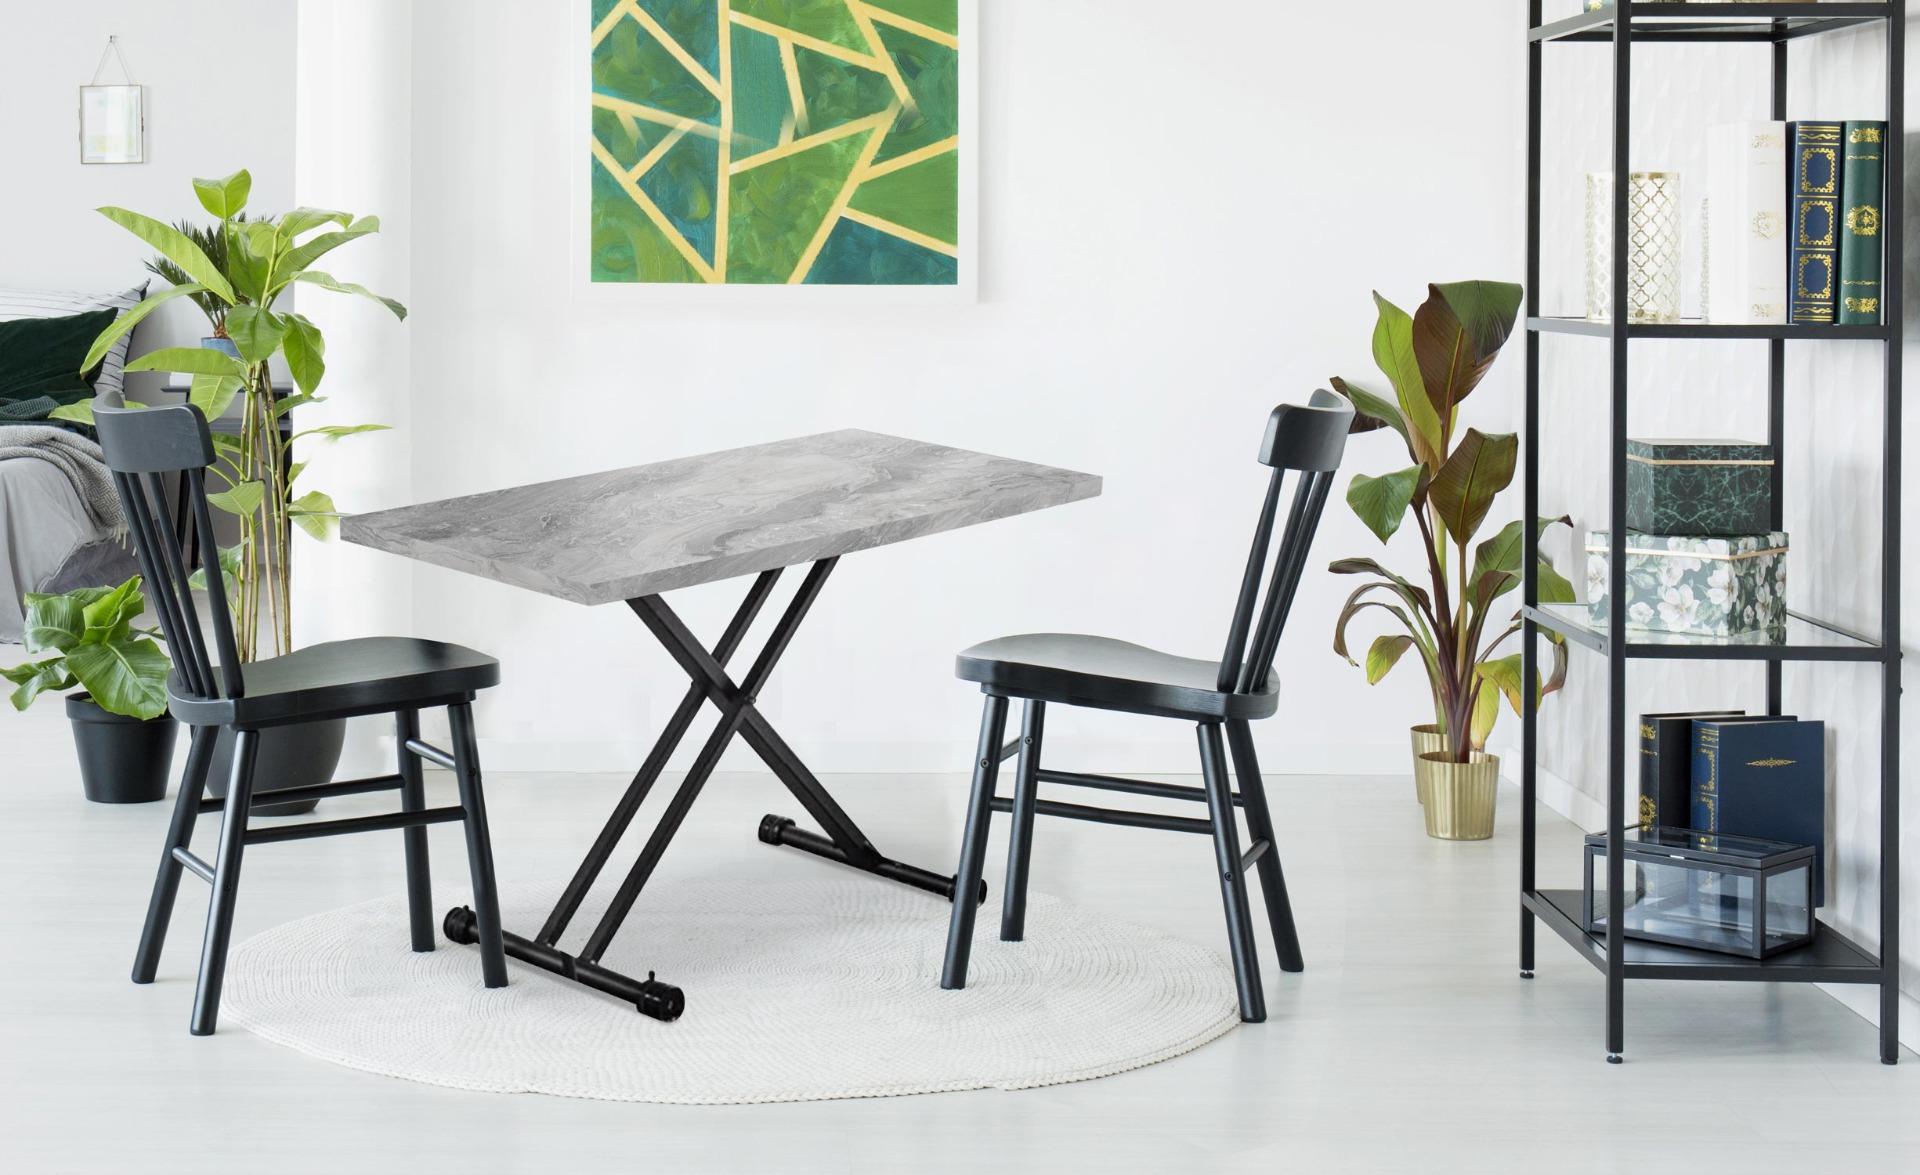 Tavolino modulabile Duke effetto marmo grigio